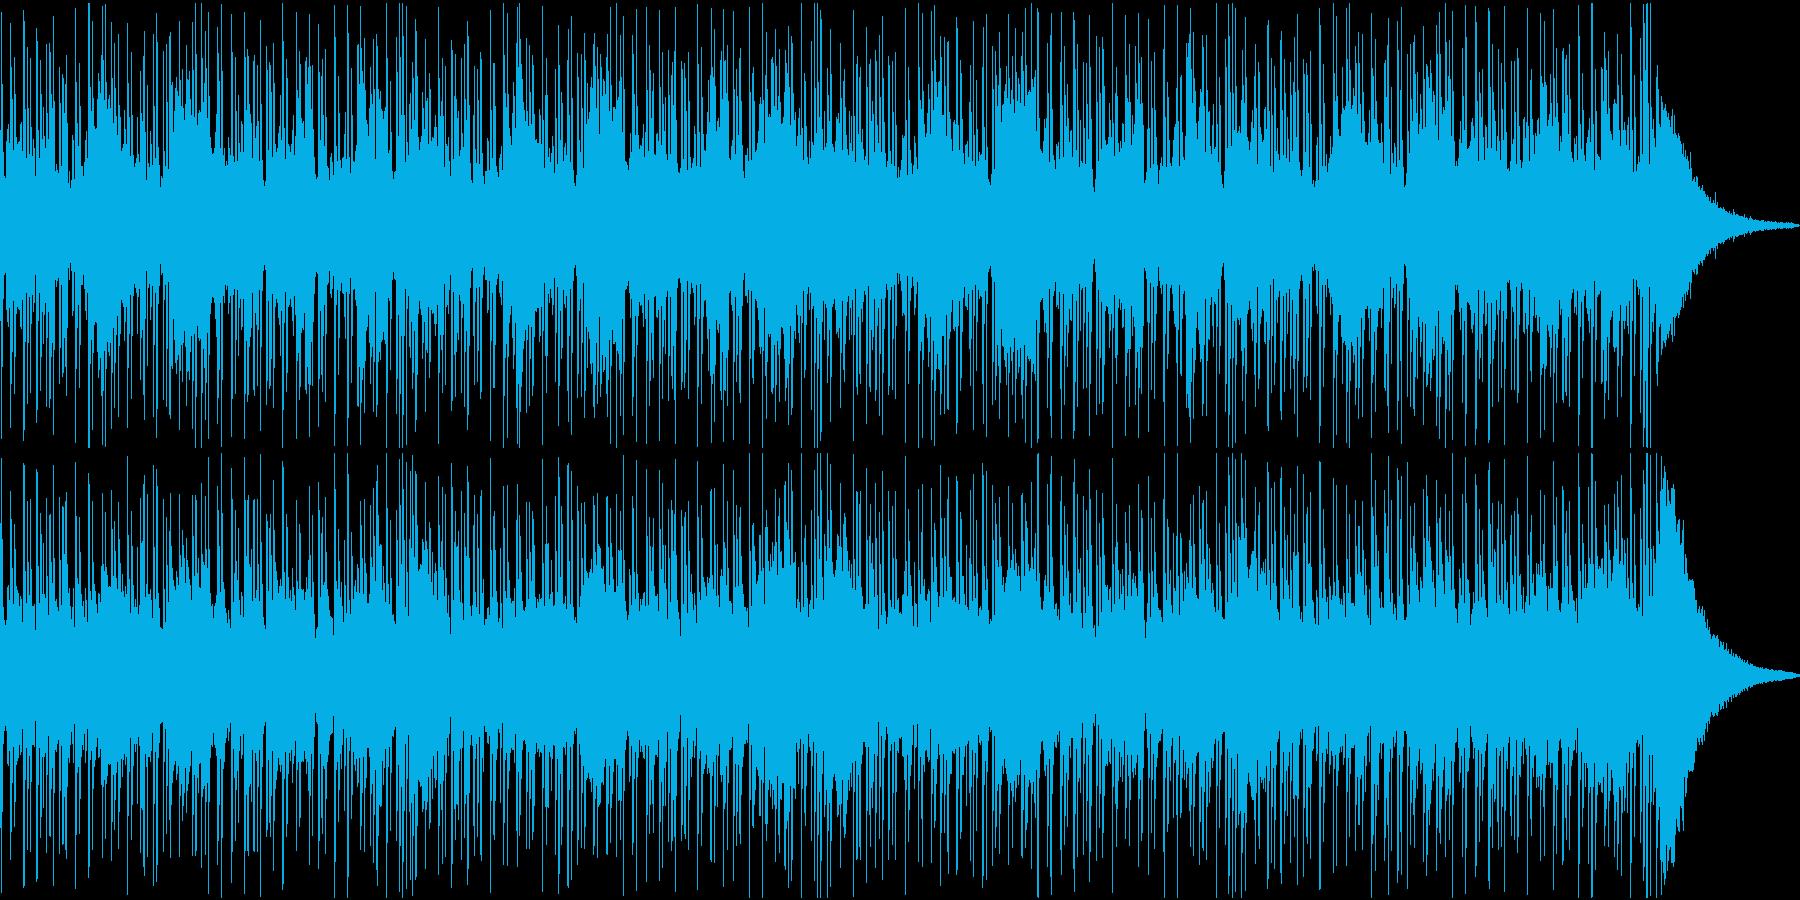 不思議な世界感のモダンダンス的ドラム楽曲の再生済みの波形